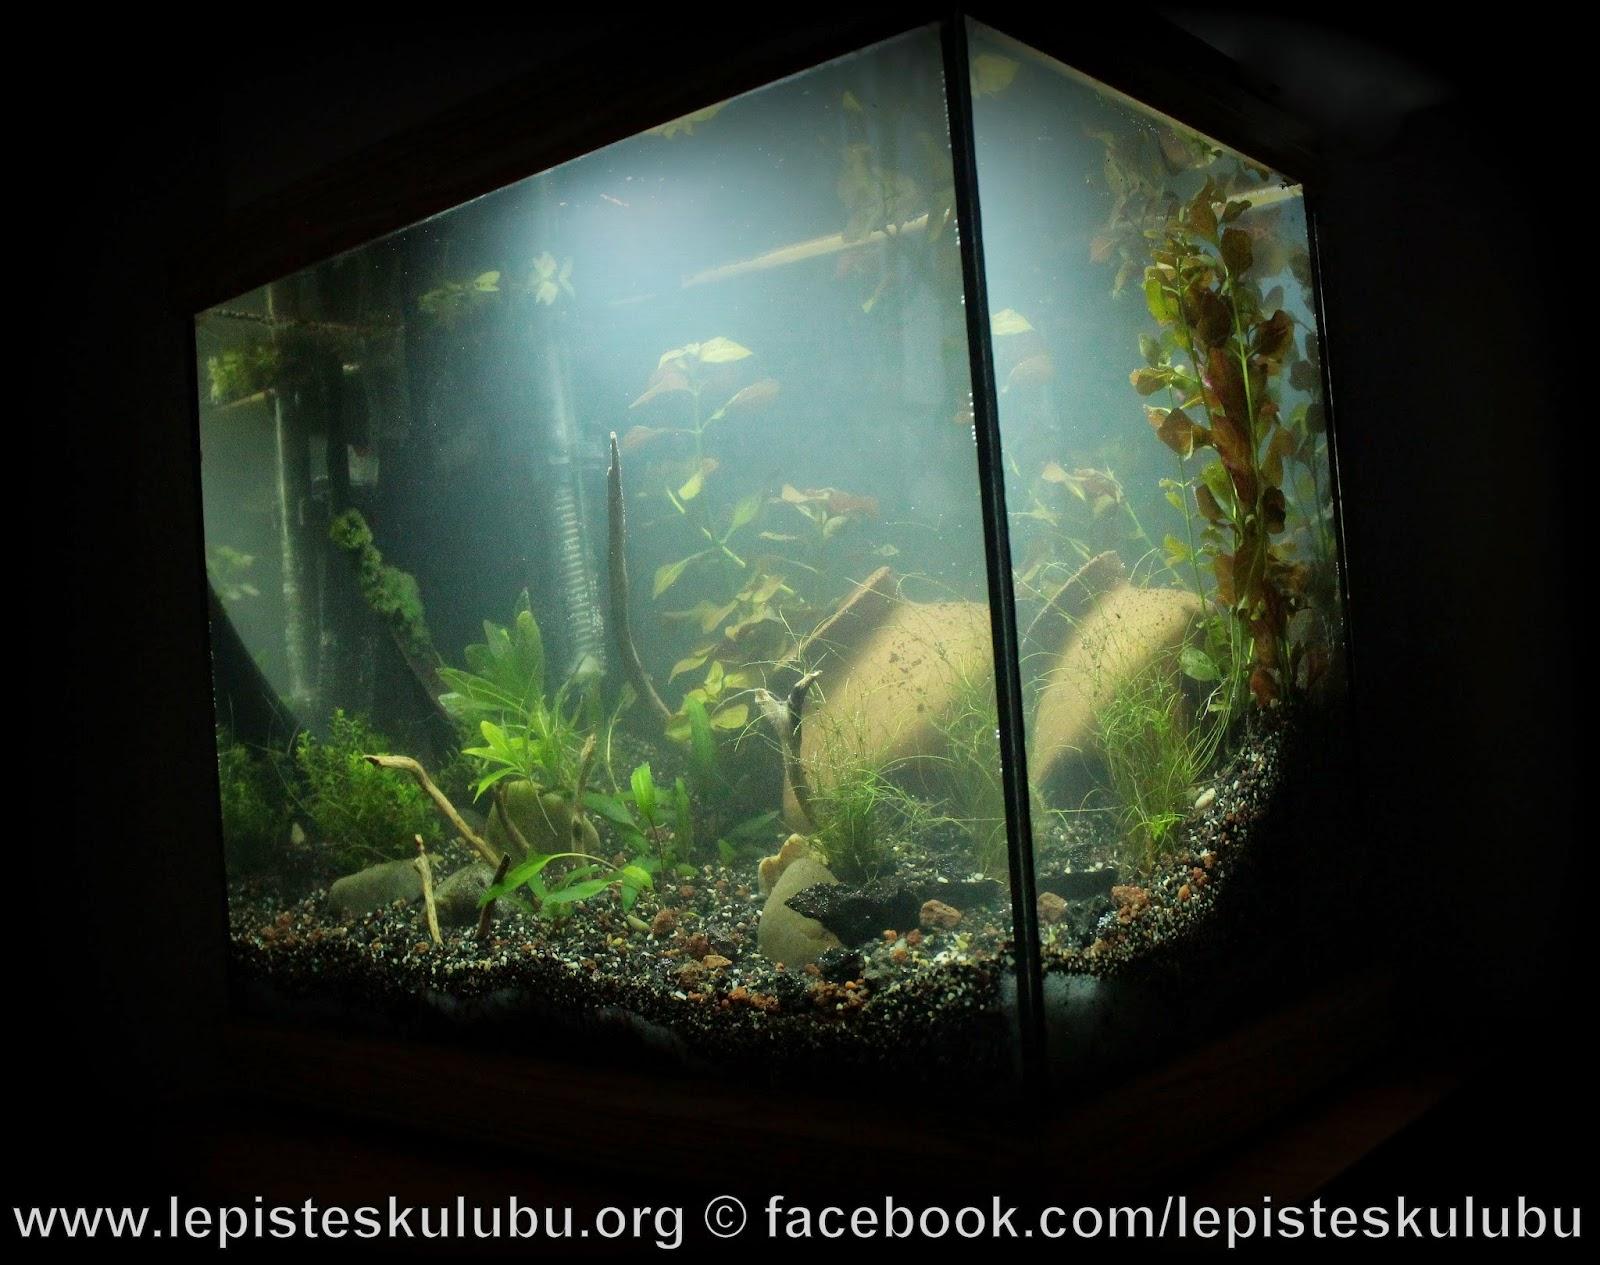 http://1.bp.blogspot.com/-y1PE252_isk/VUkA3VRWctI/AAAAAAAAFeo/4yuwZi5fm-A/s1600/IMG_4539.JPG